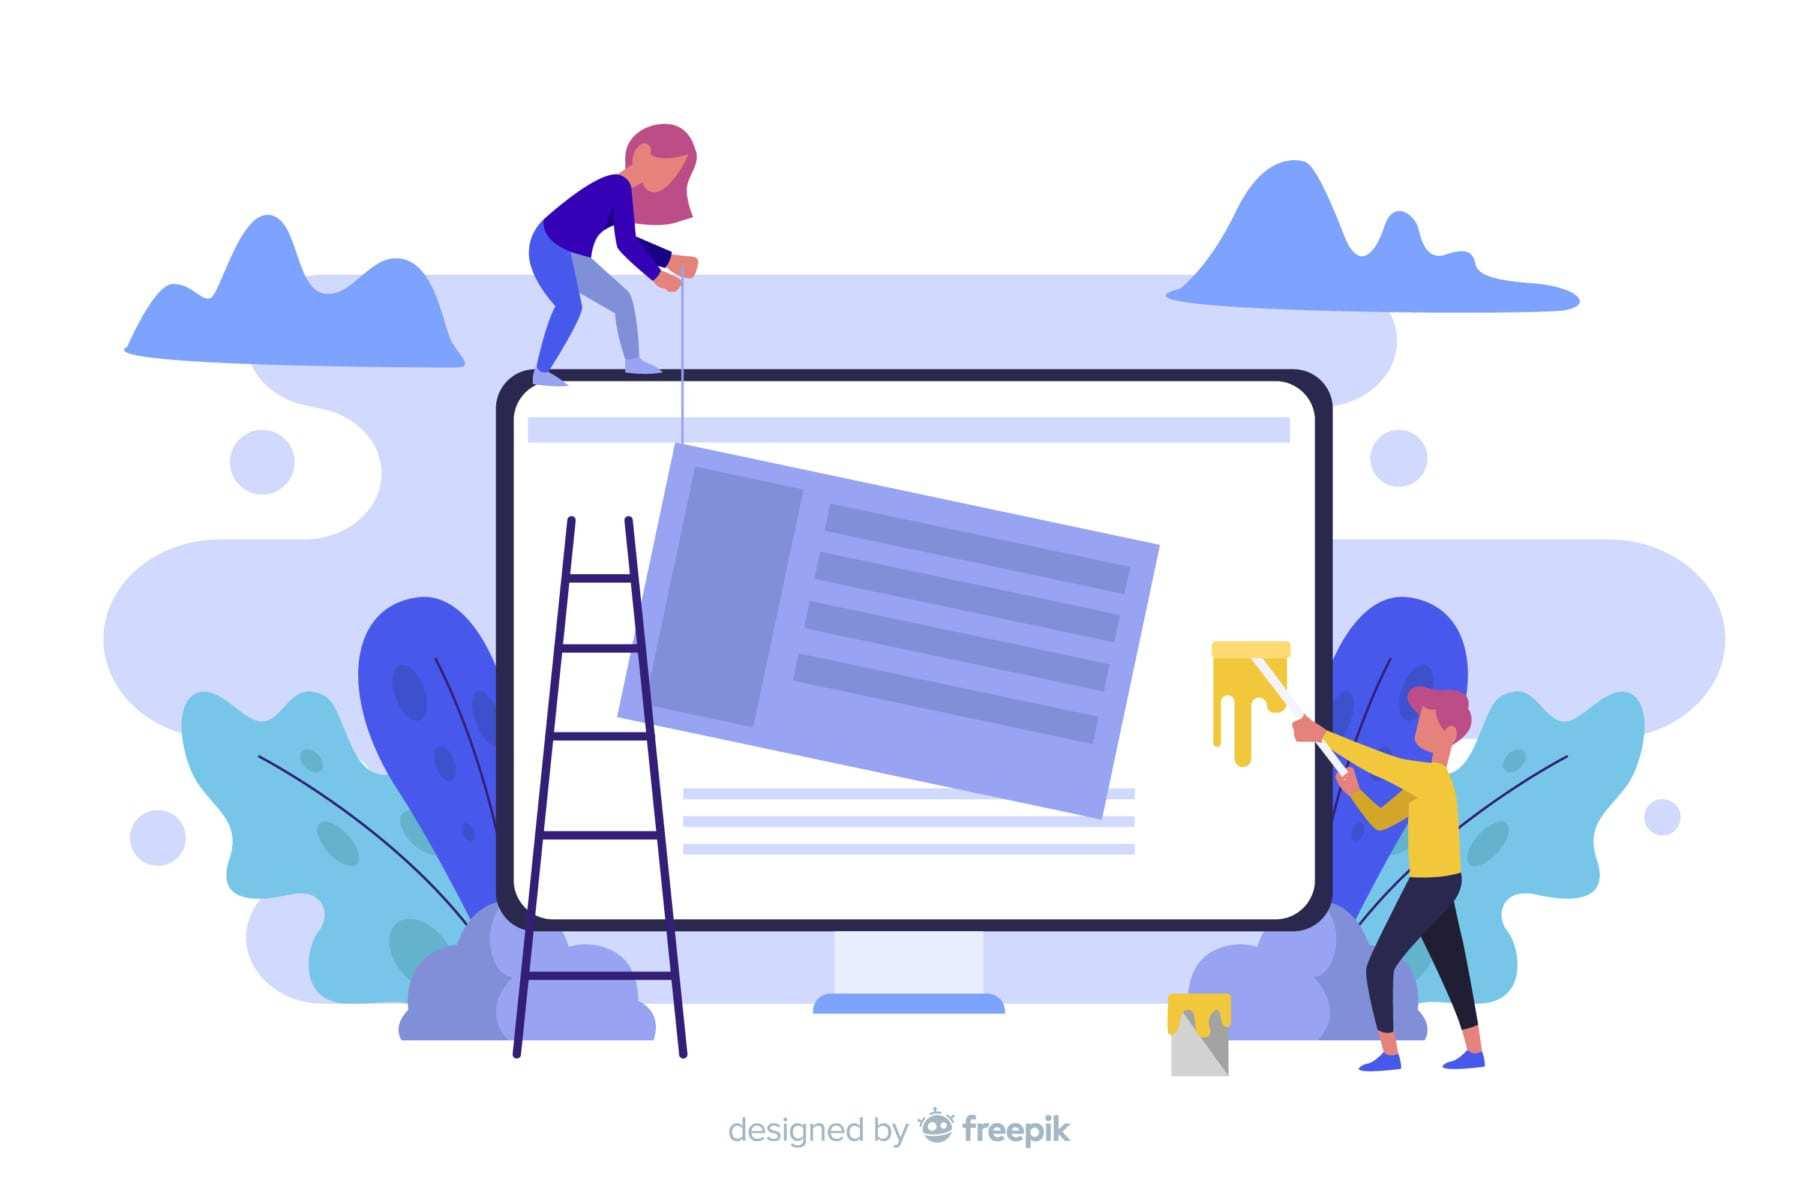 Hva designes websidene